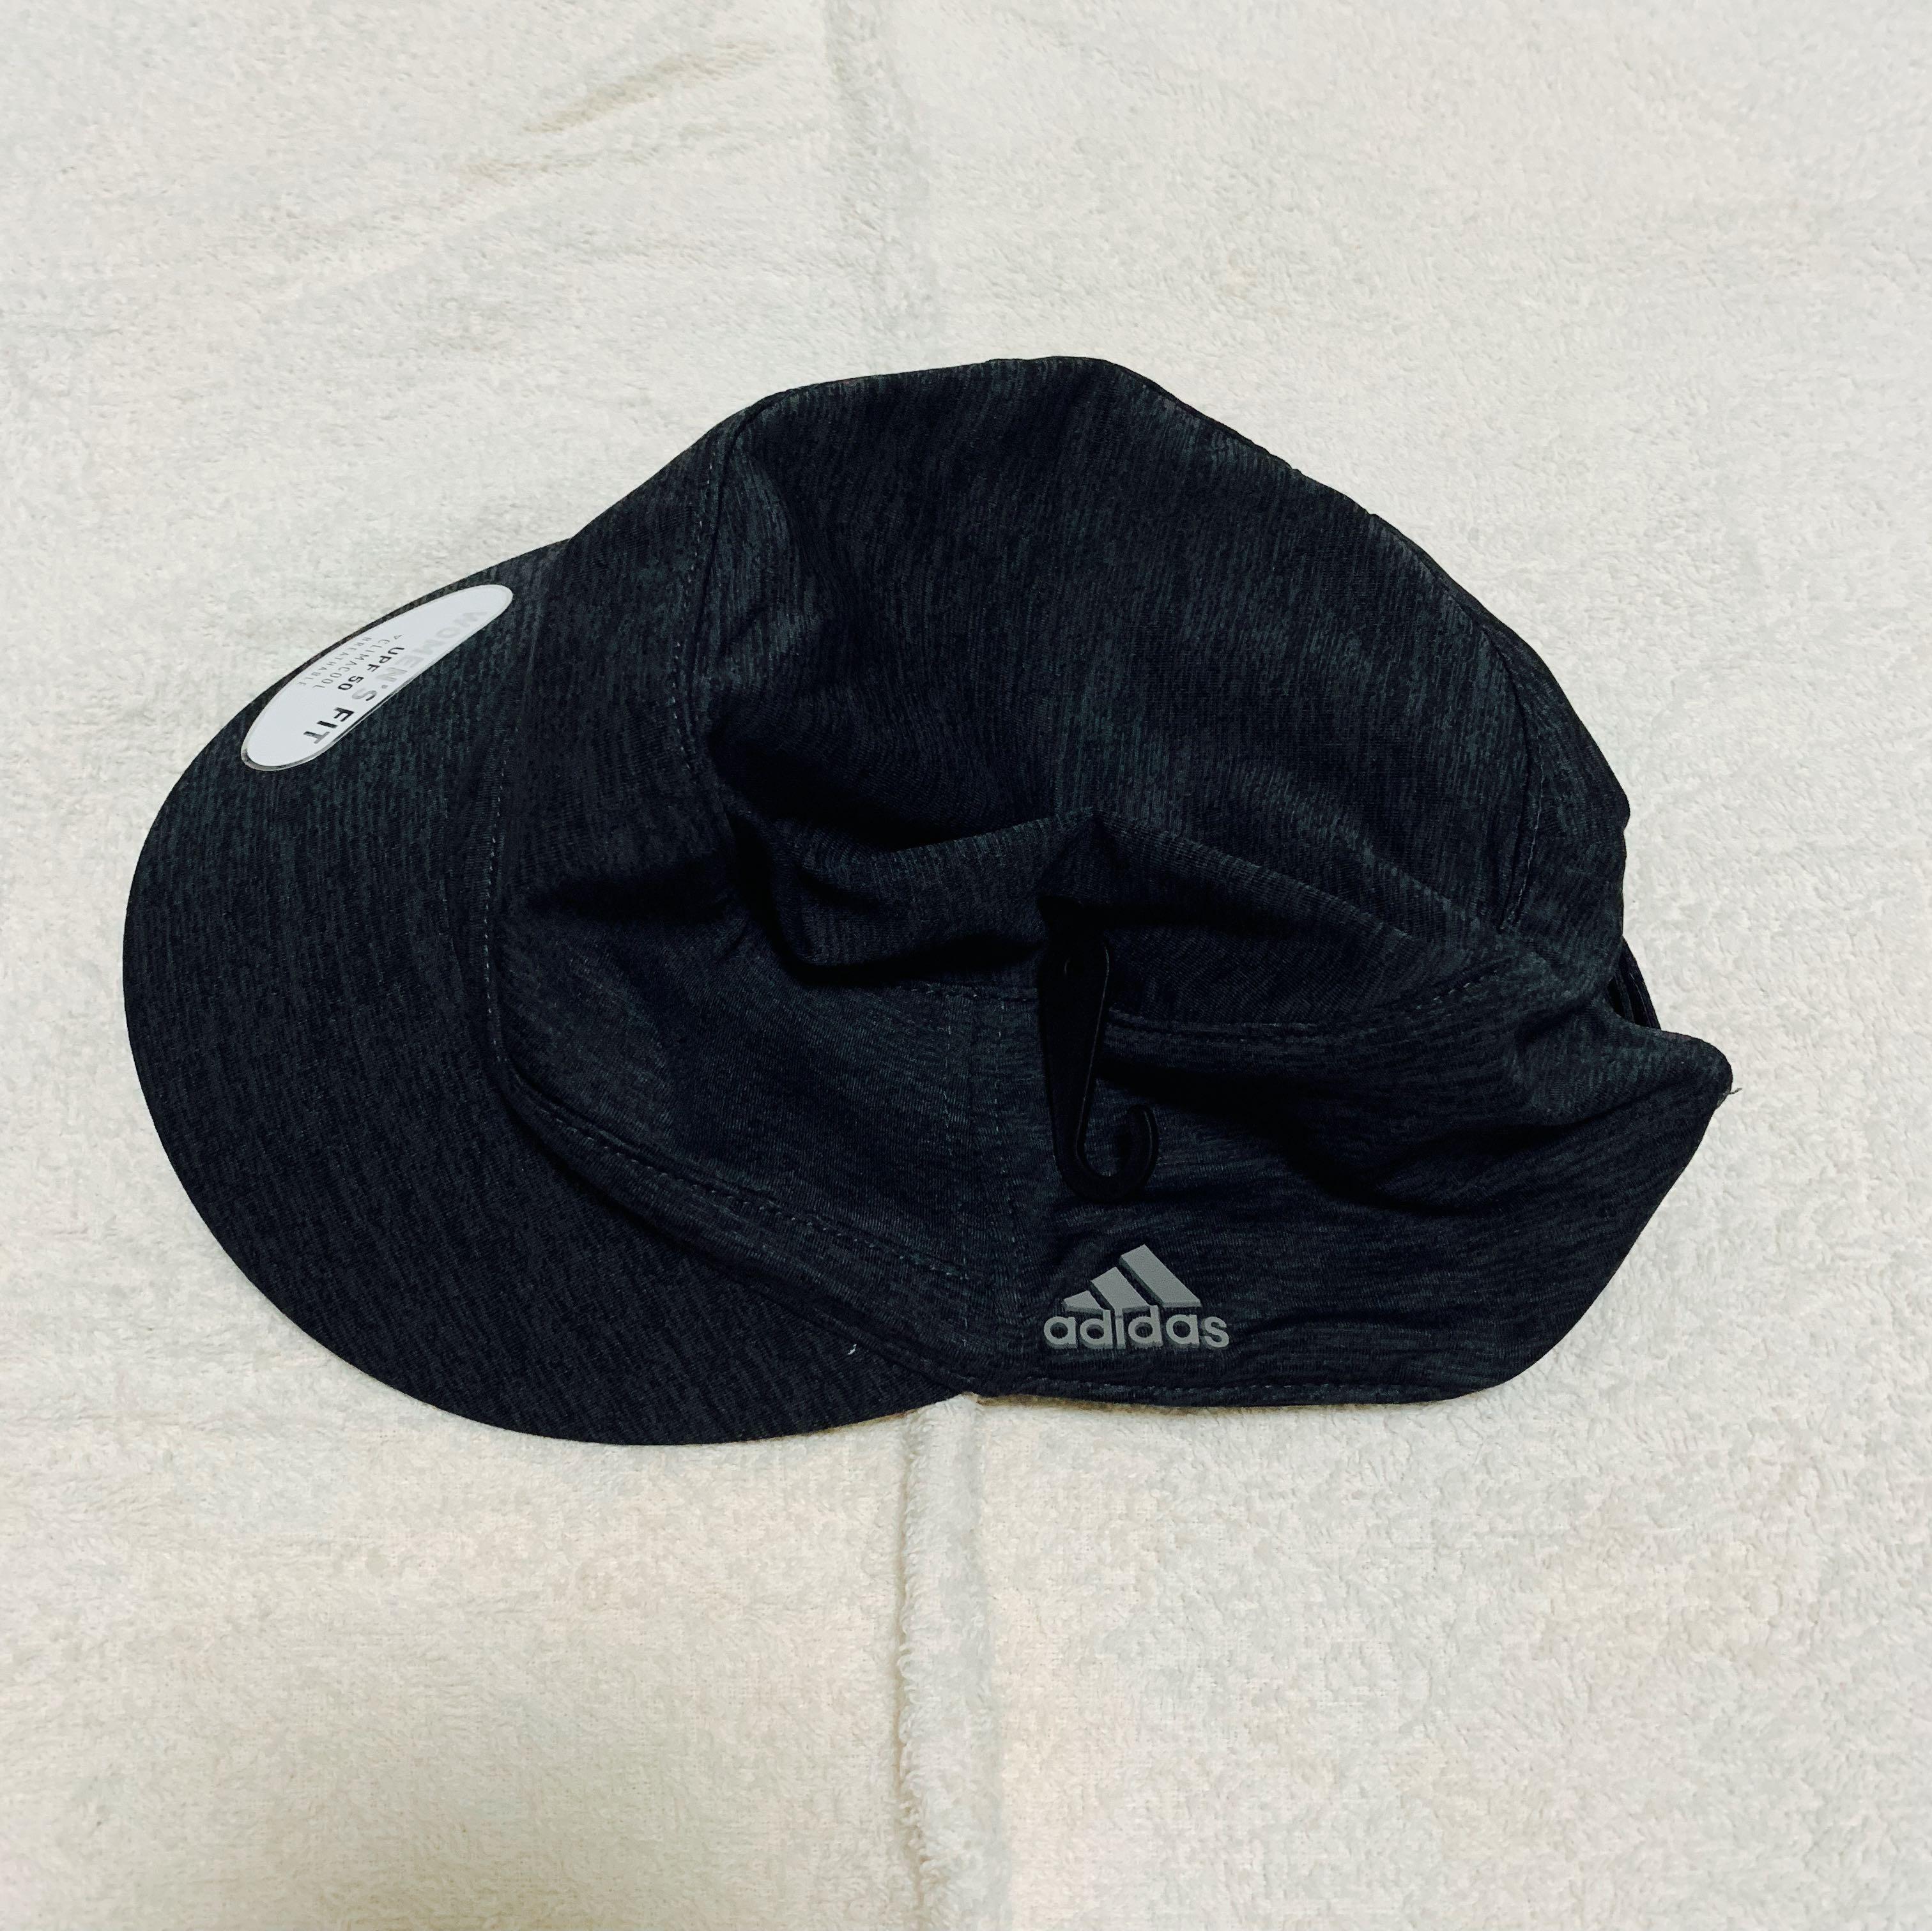 a66d8b617a6 Adidas Climacool Women s Cap UPF 50 (Brand New)